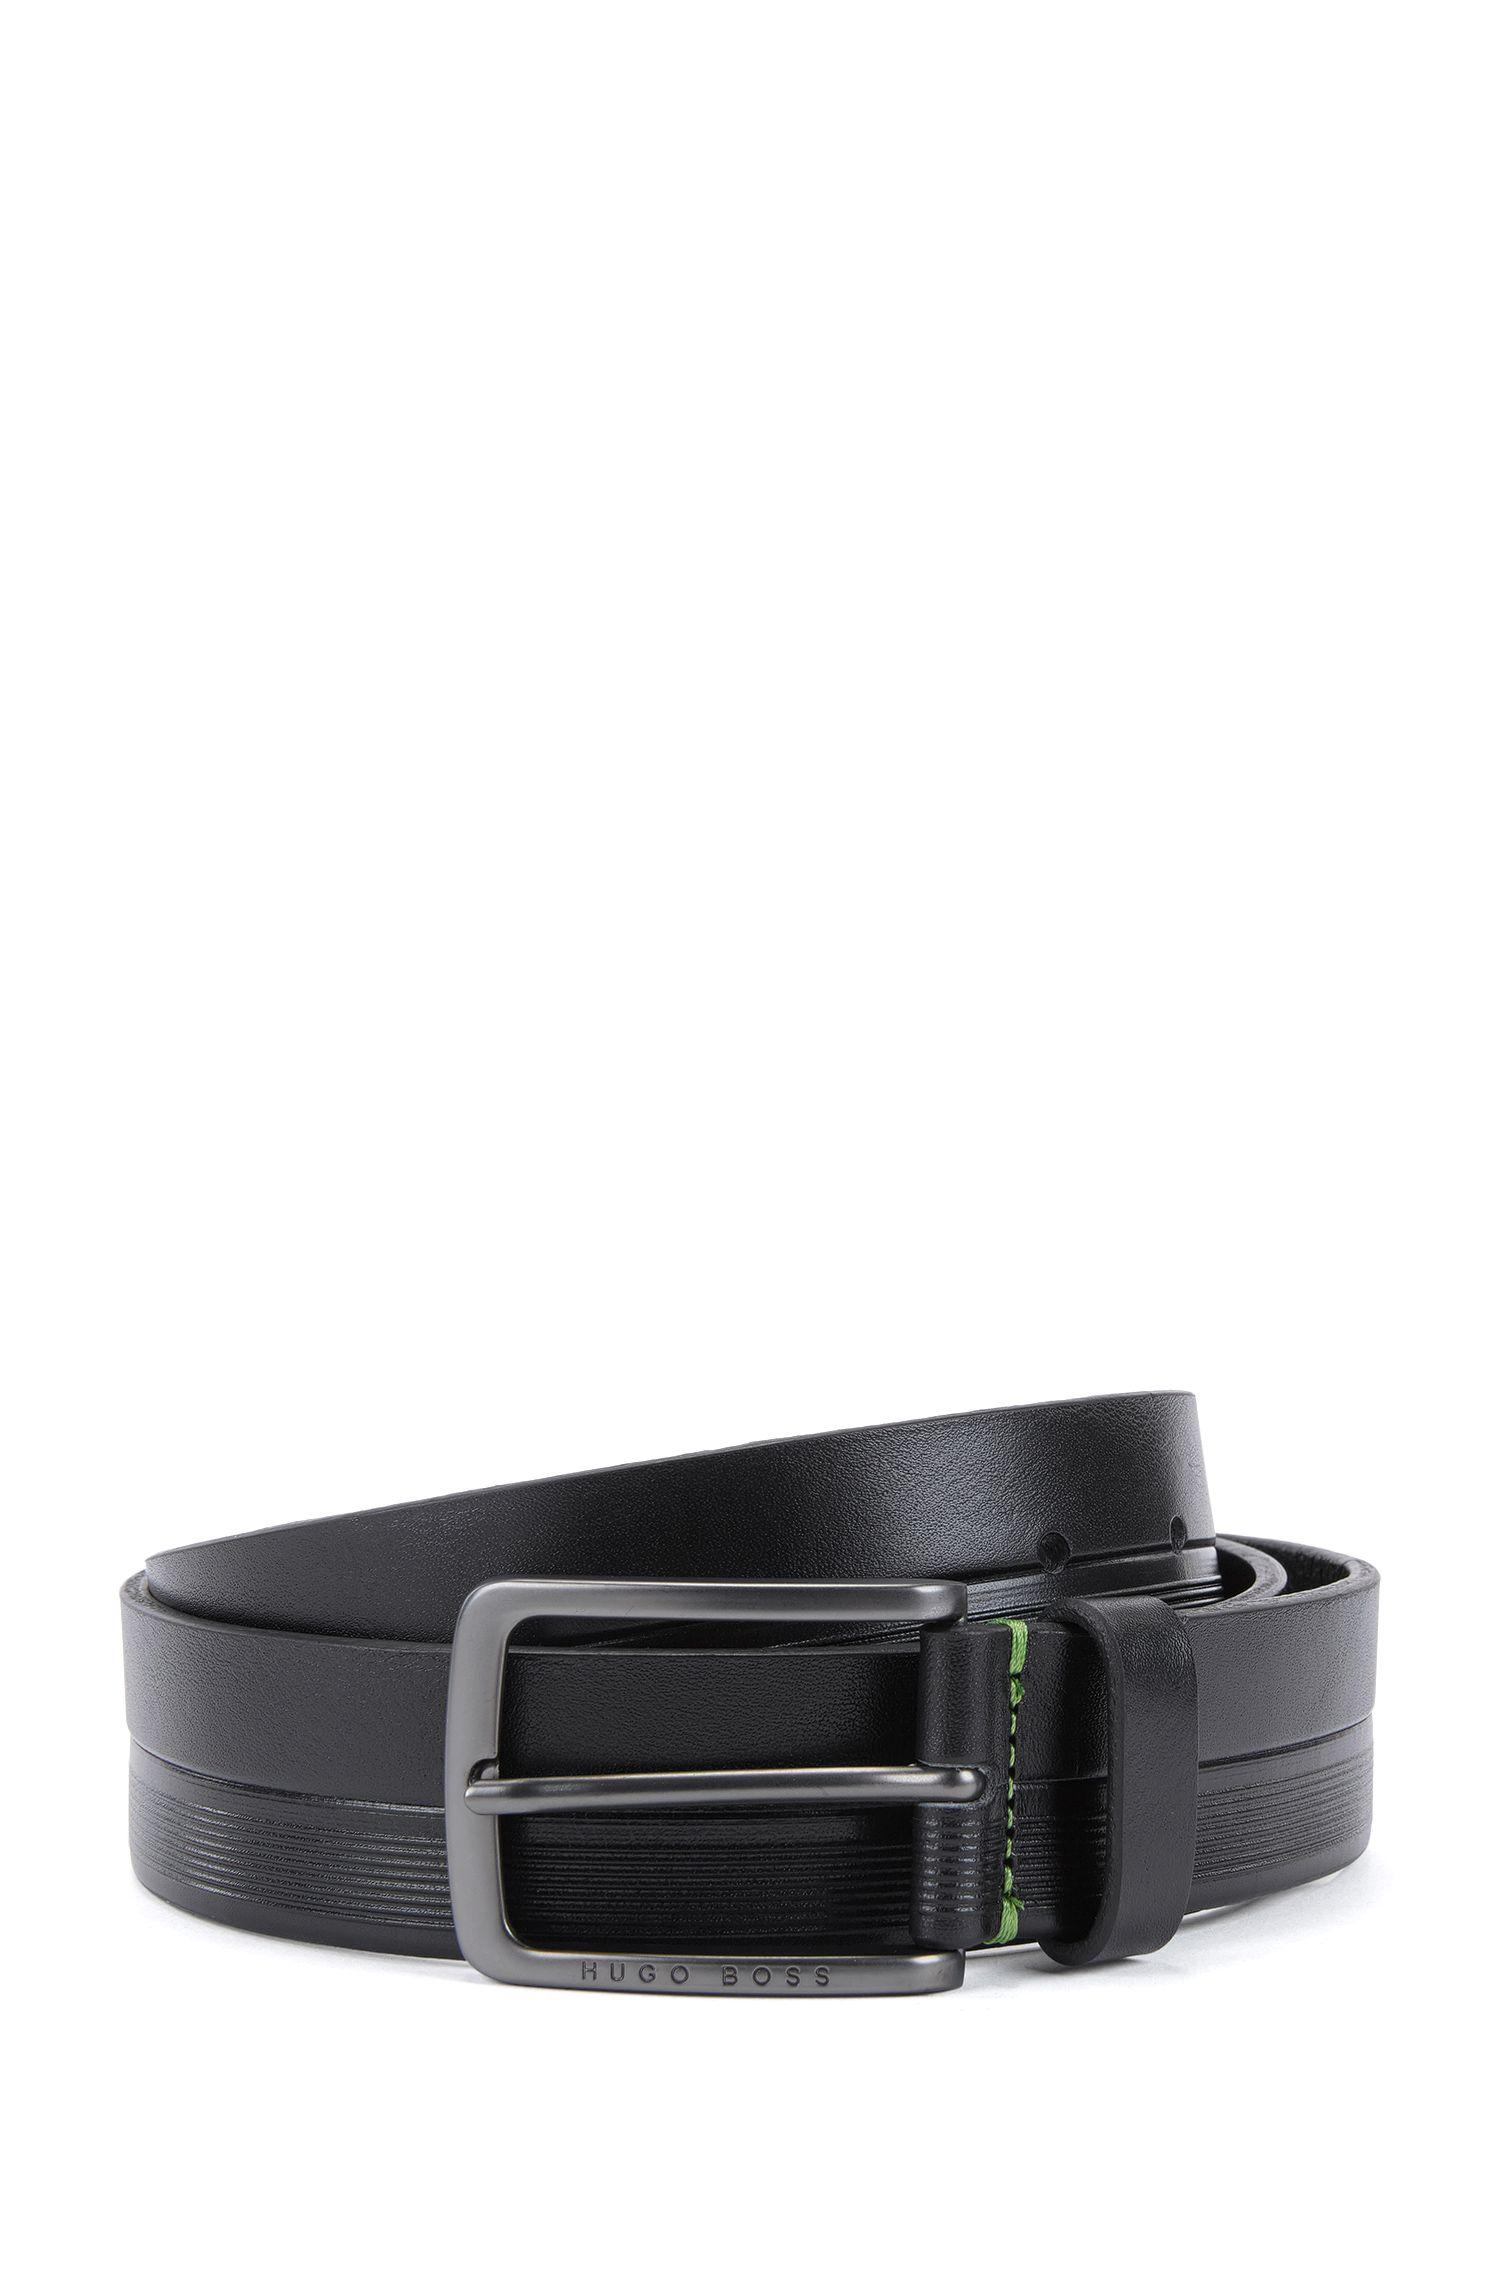 Cinturón de piel con rayas y logos grabados